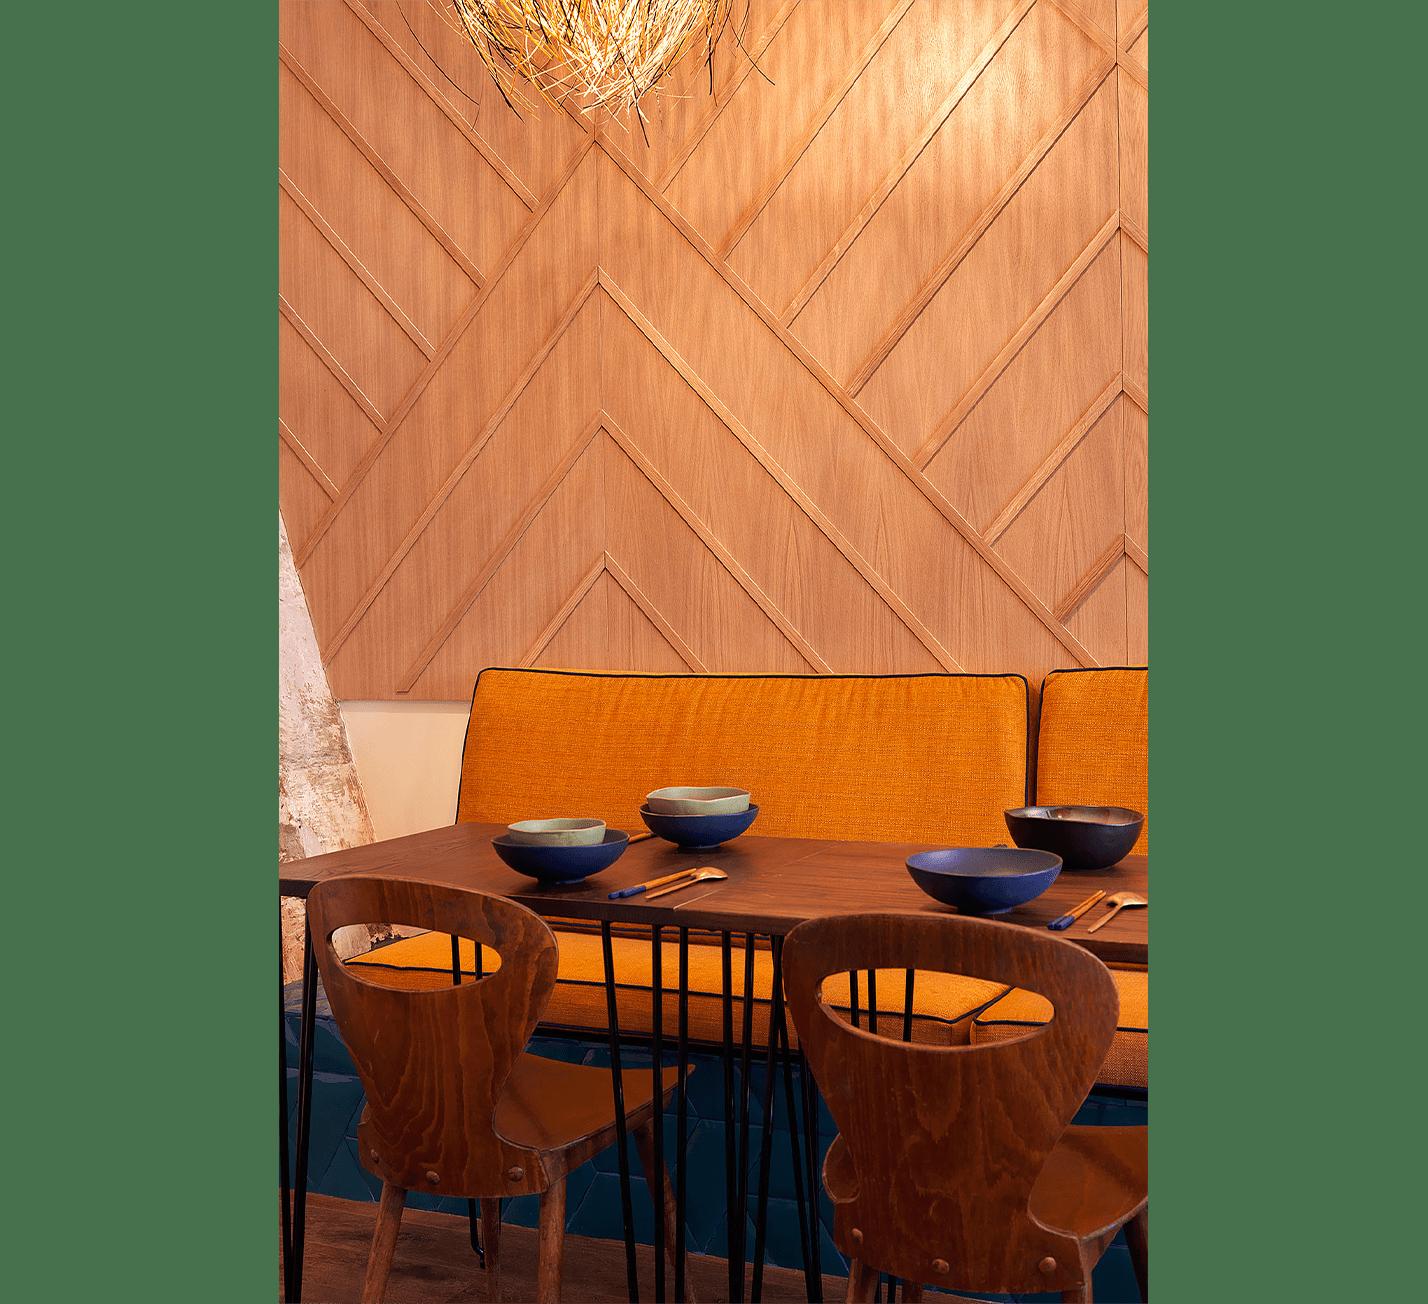 Projet-Natives-Atelier-Steve-Pauline-Borgia-Architecture-interieur-01-min-1